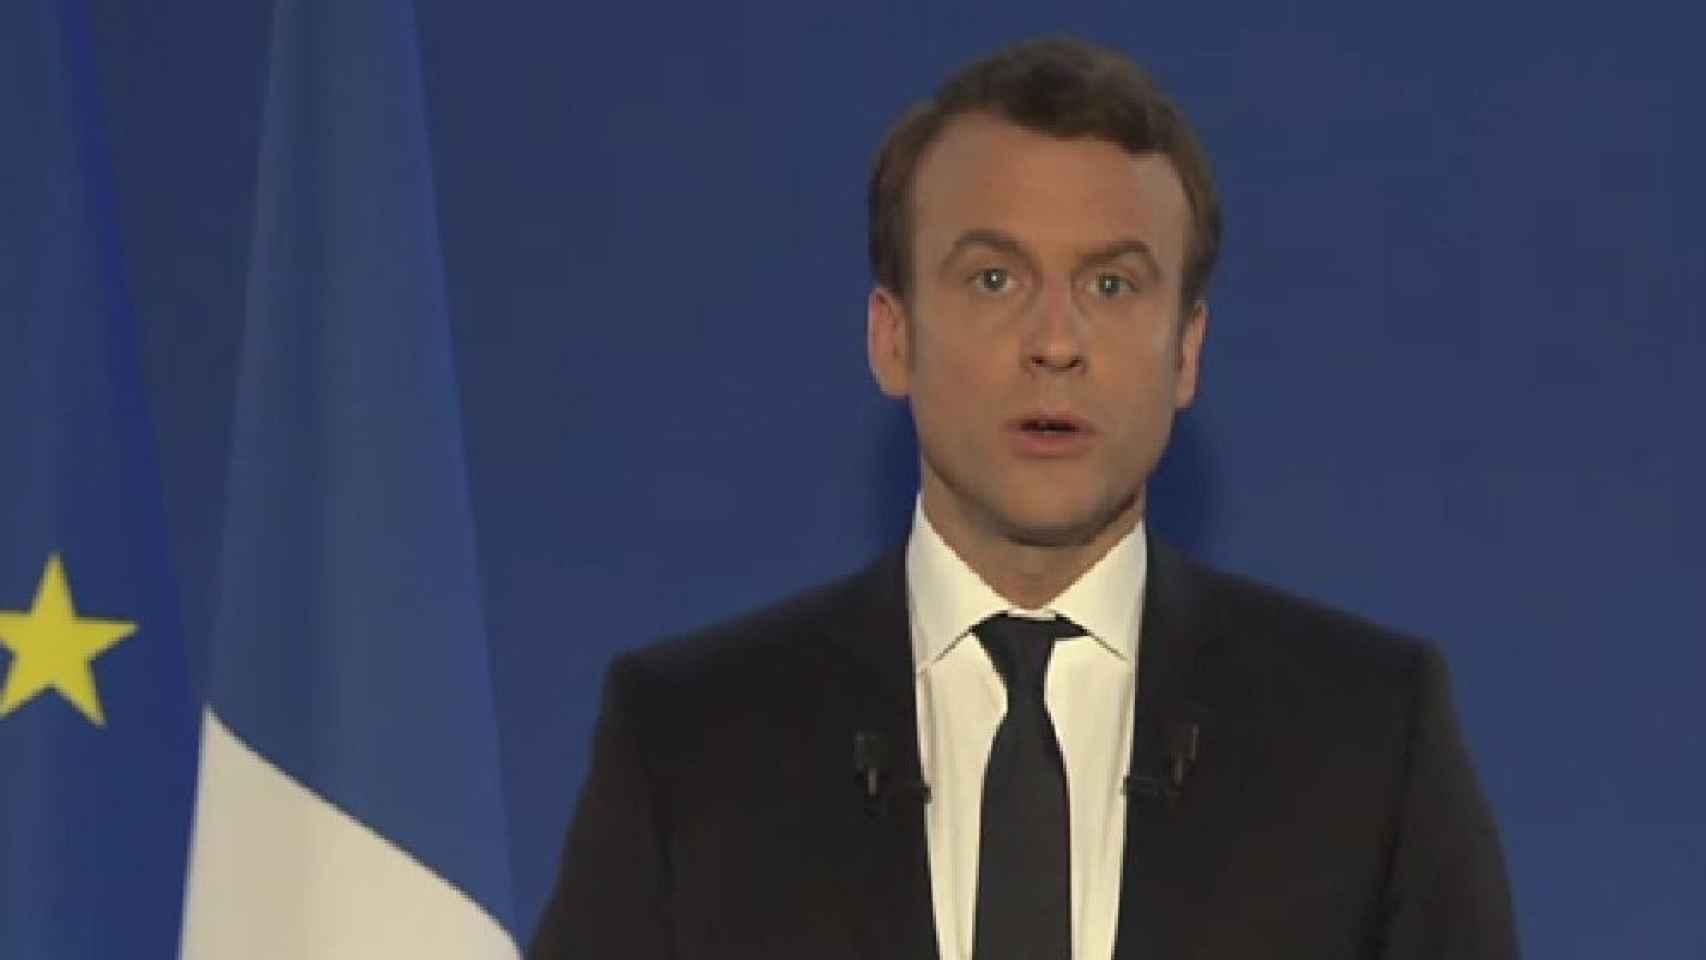 Macron durante su discurso